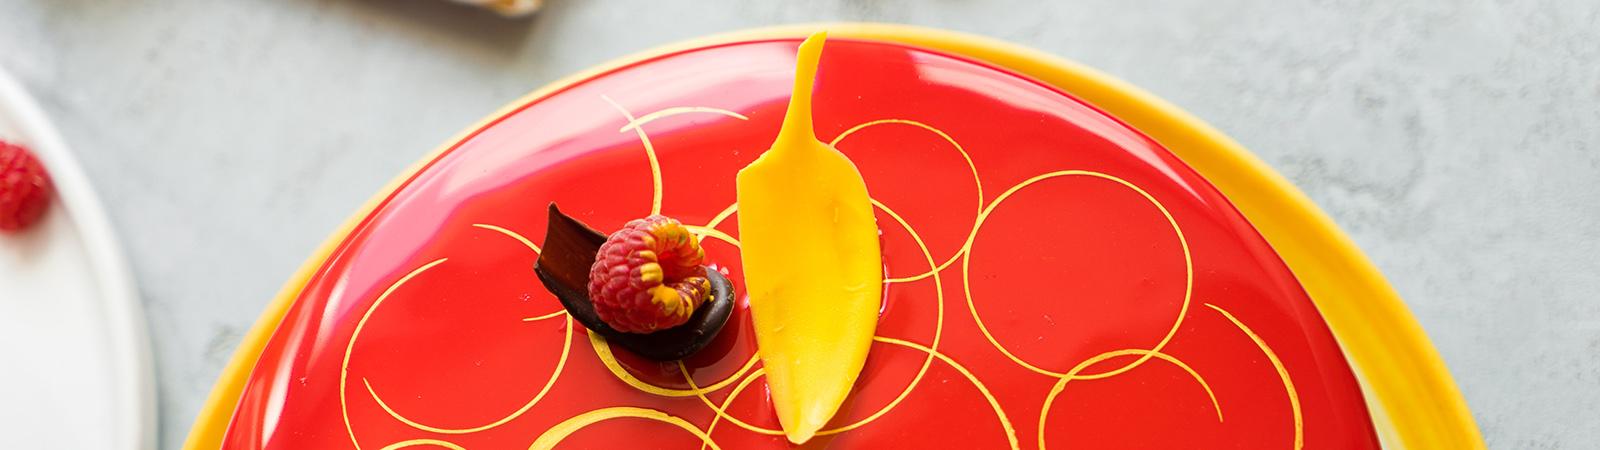 """Муссовый торт """"Китайский Император"""" с малиной, грушей и шоколадом"""